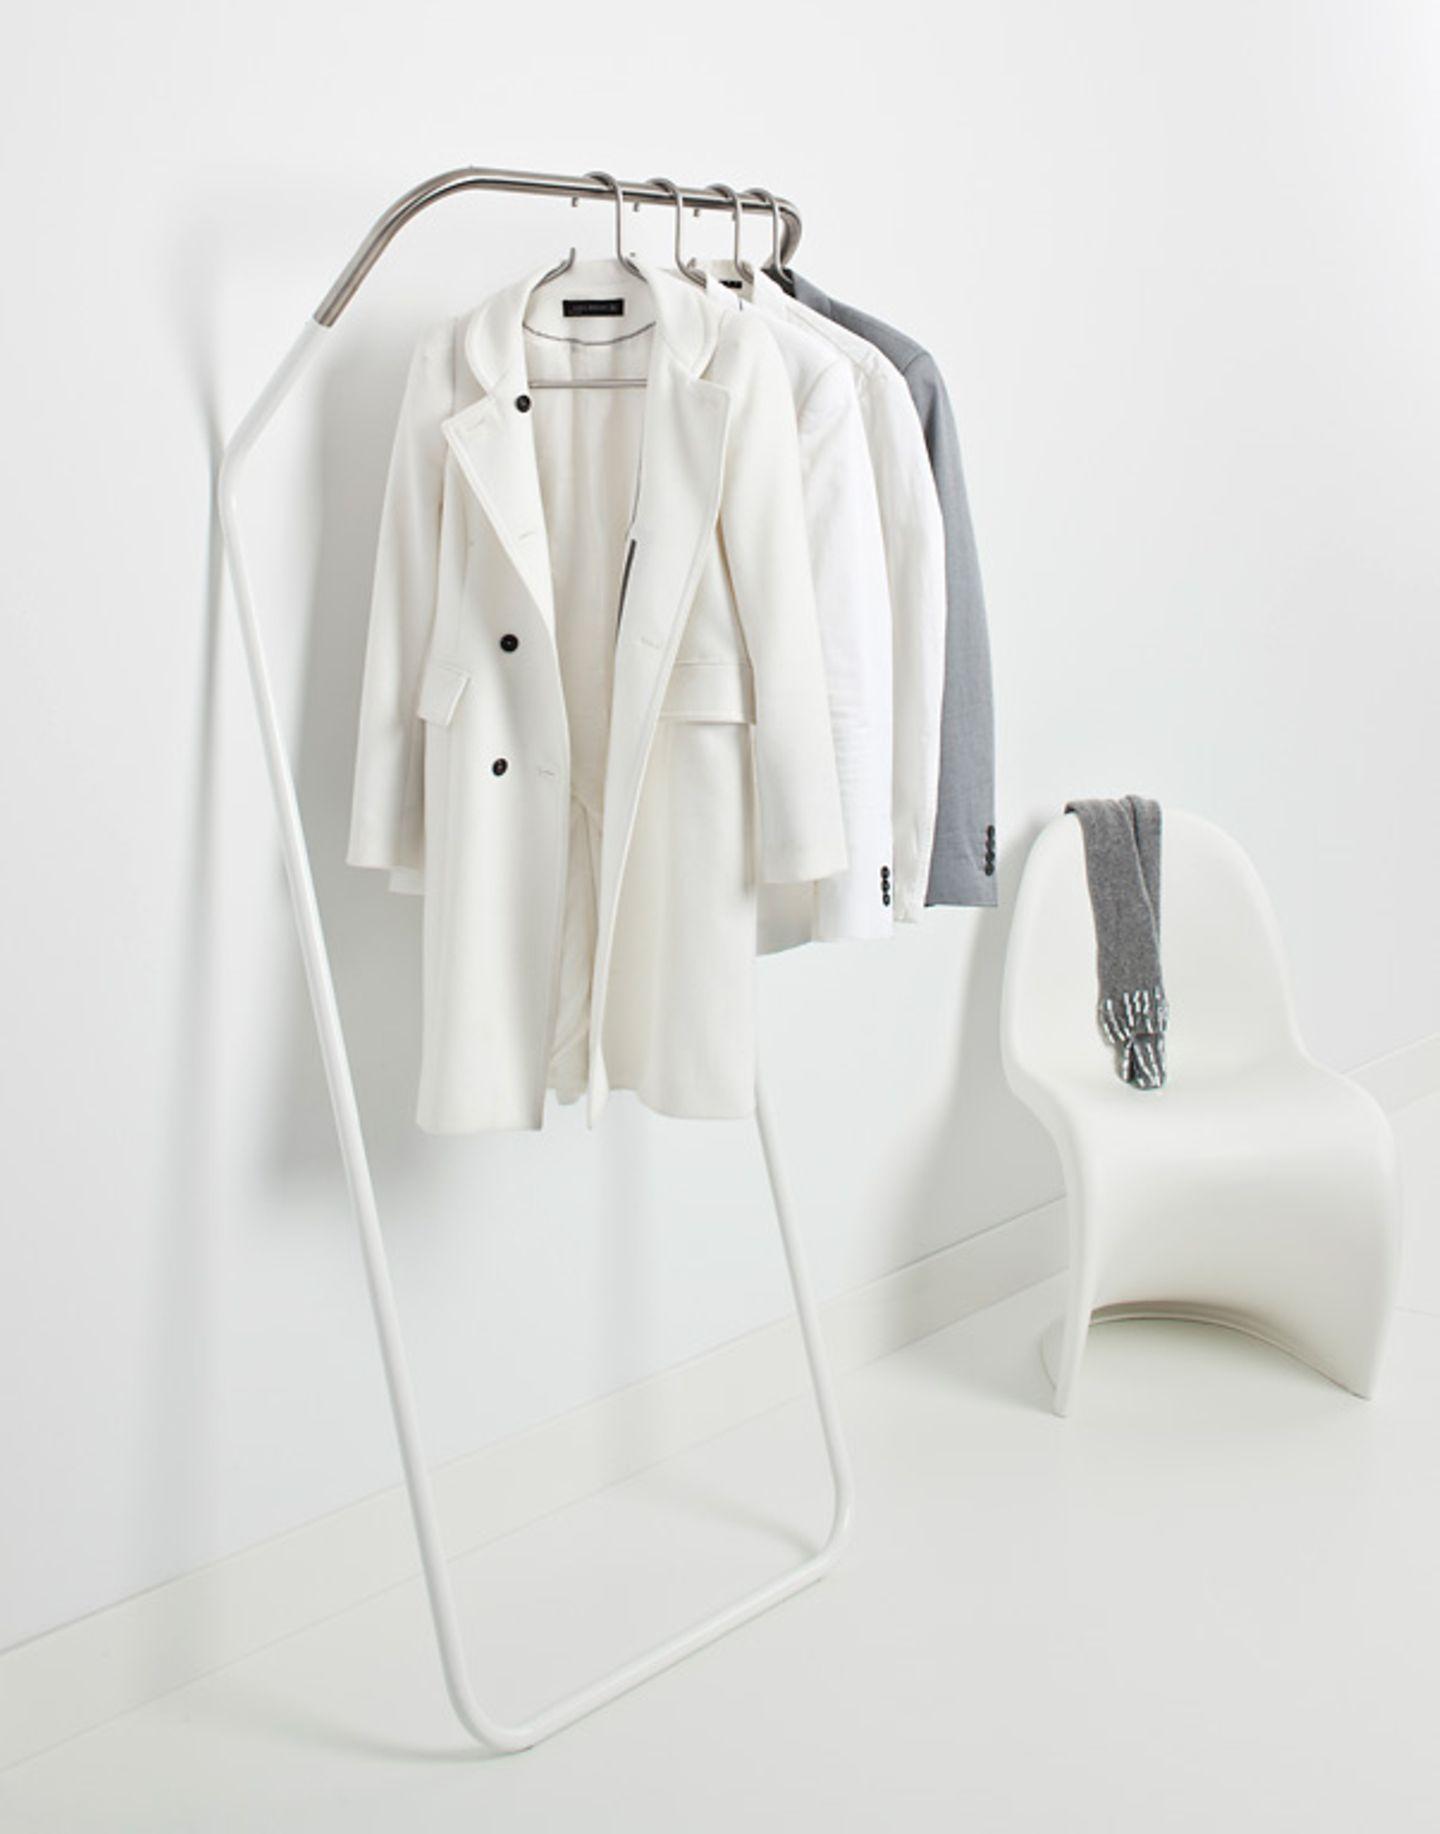 """Minimalistisch: Kleiderstange """"Lean-on"""" von Cascando"""